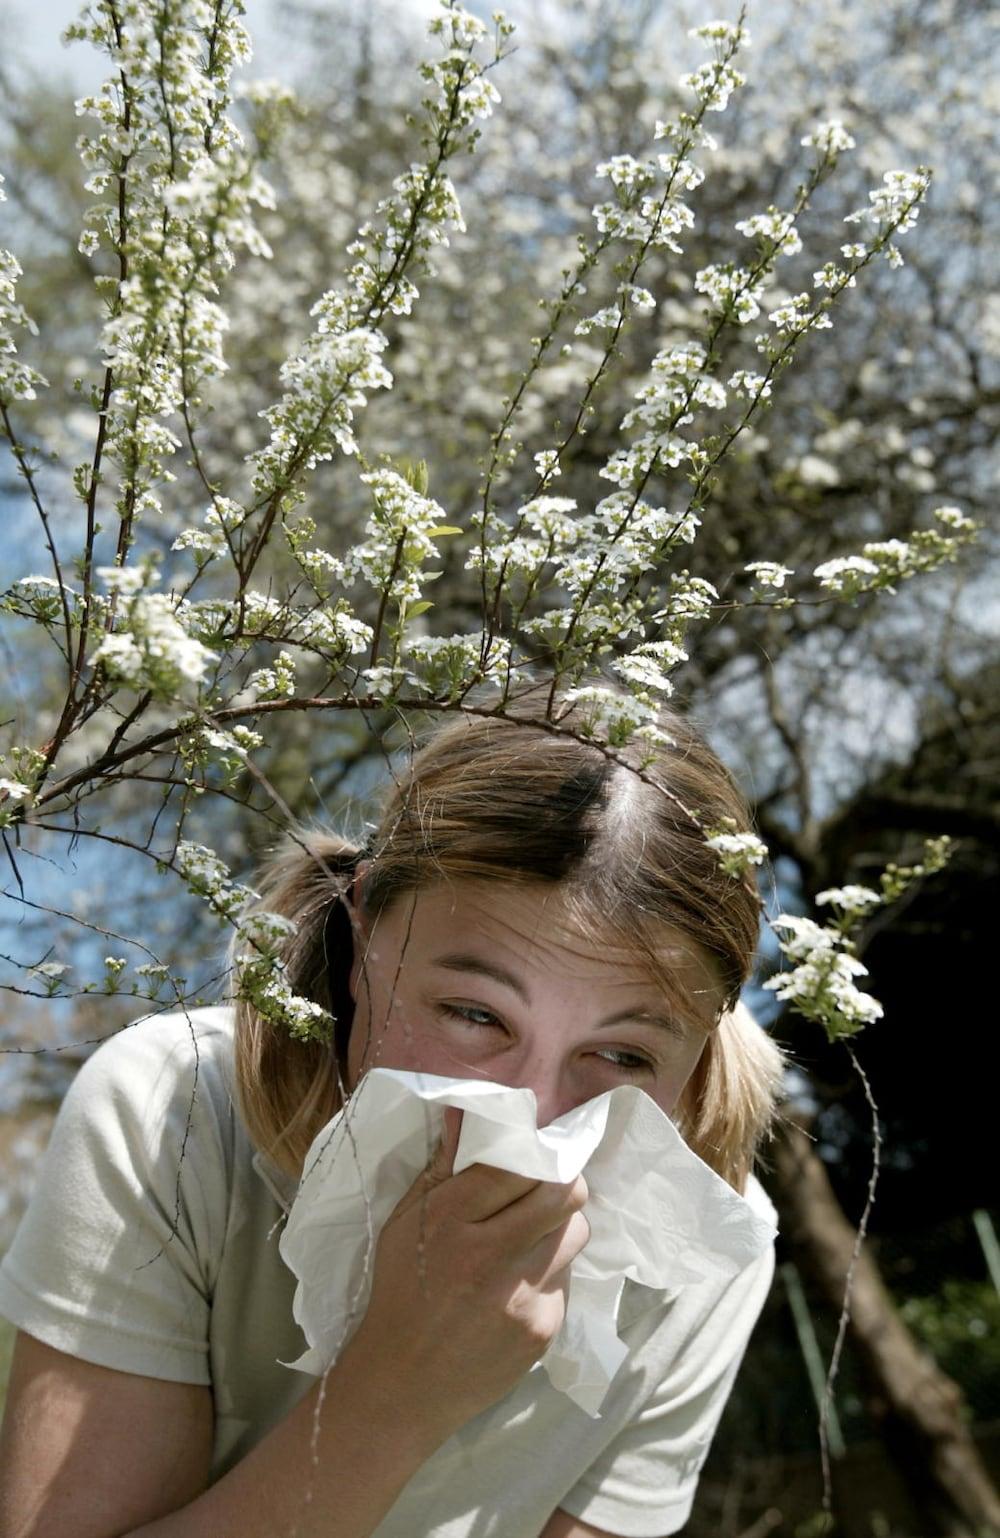 pollen allergie bienen m cken im sommer was hilft dagegen. Black Bedroom Furniture Sets. Home Design Ideas